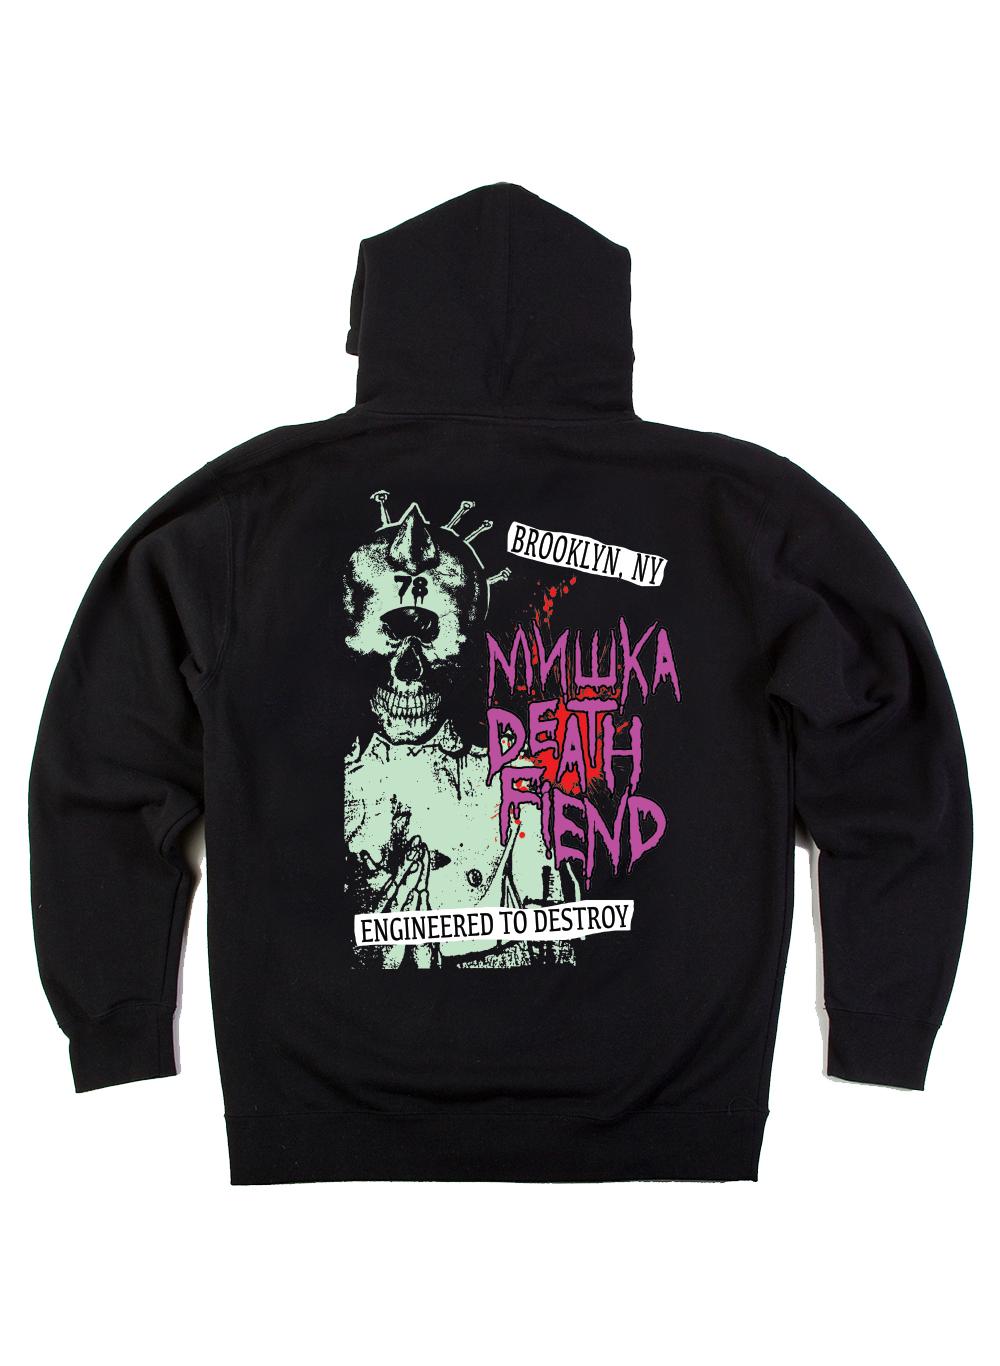 Mishka Death Fiend Pullover